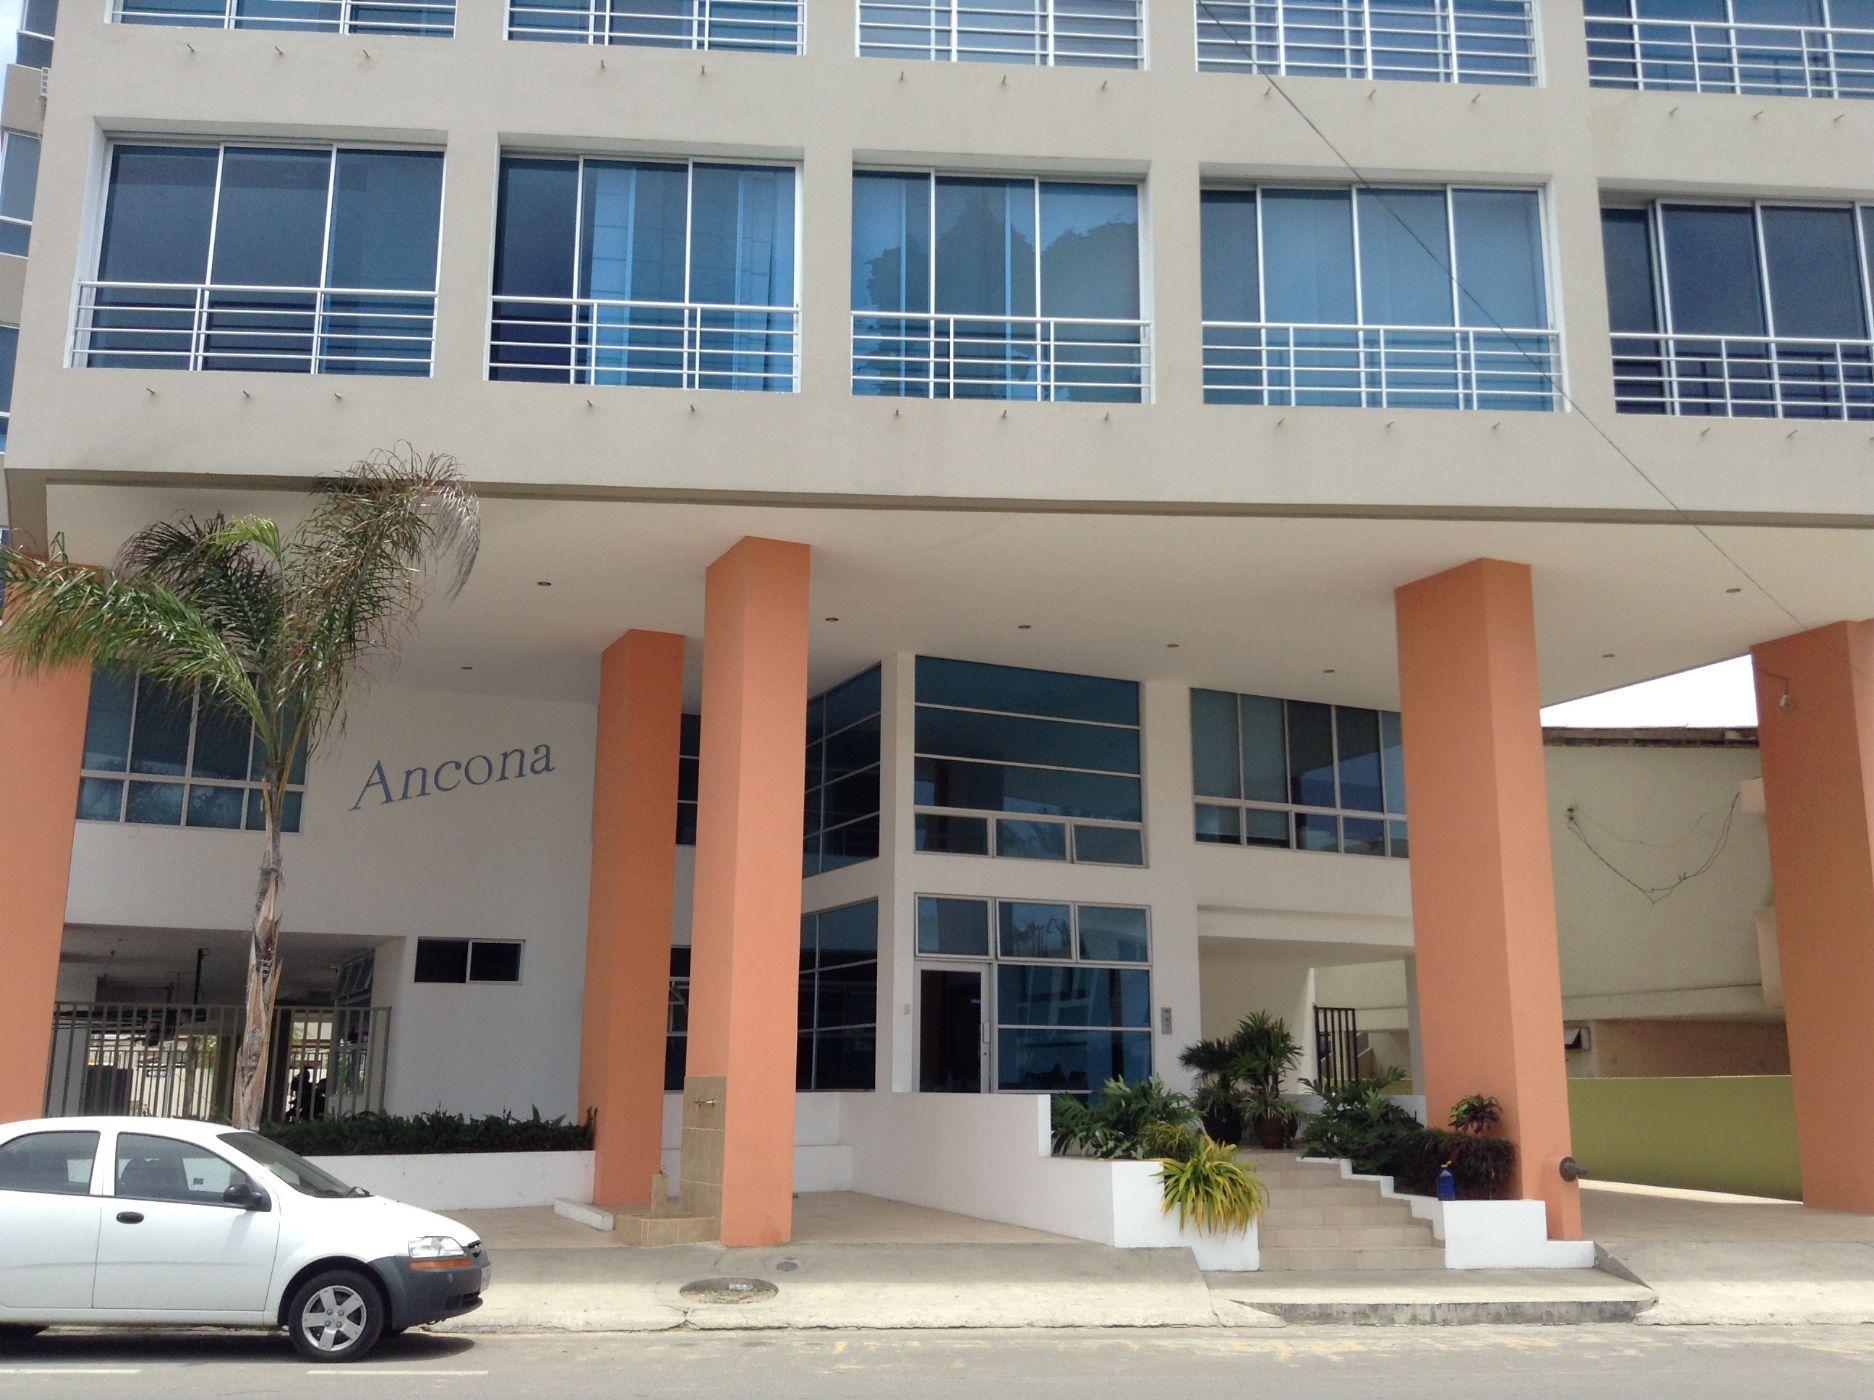 Salinas-Ecuador-property-496326-2.jpeg